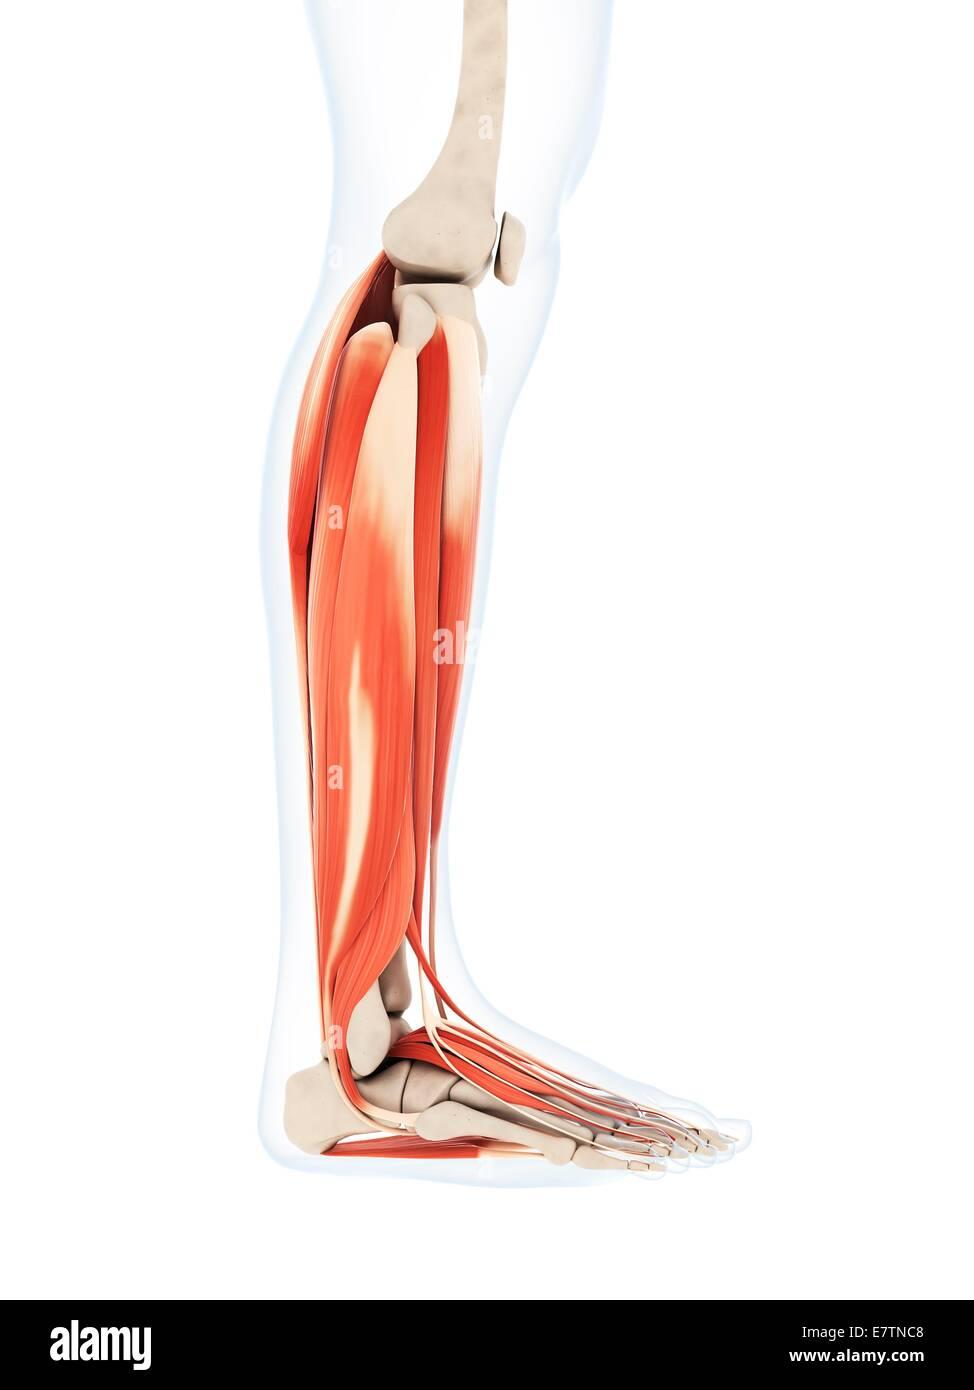 Human Calf Muscles Stock Photos & Human Calf Muscles Stock Images ...